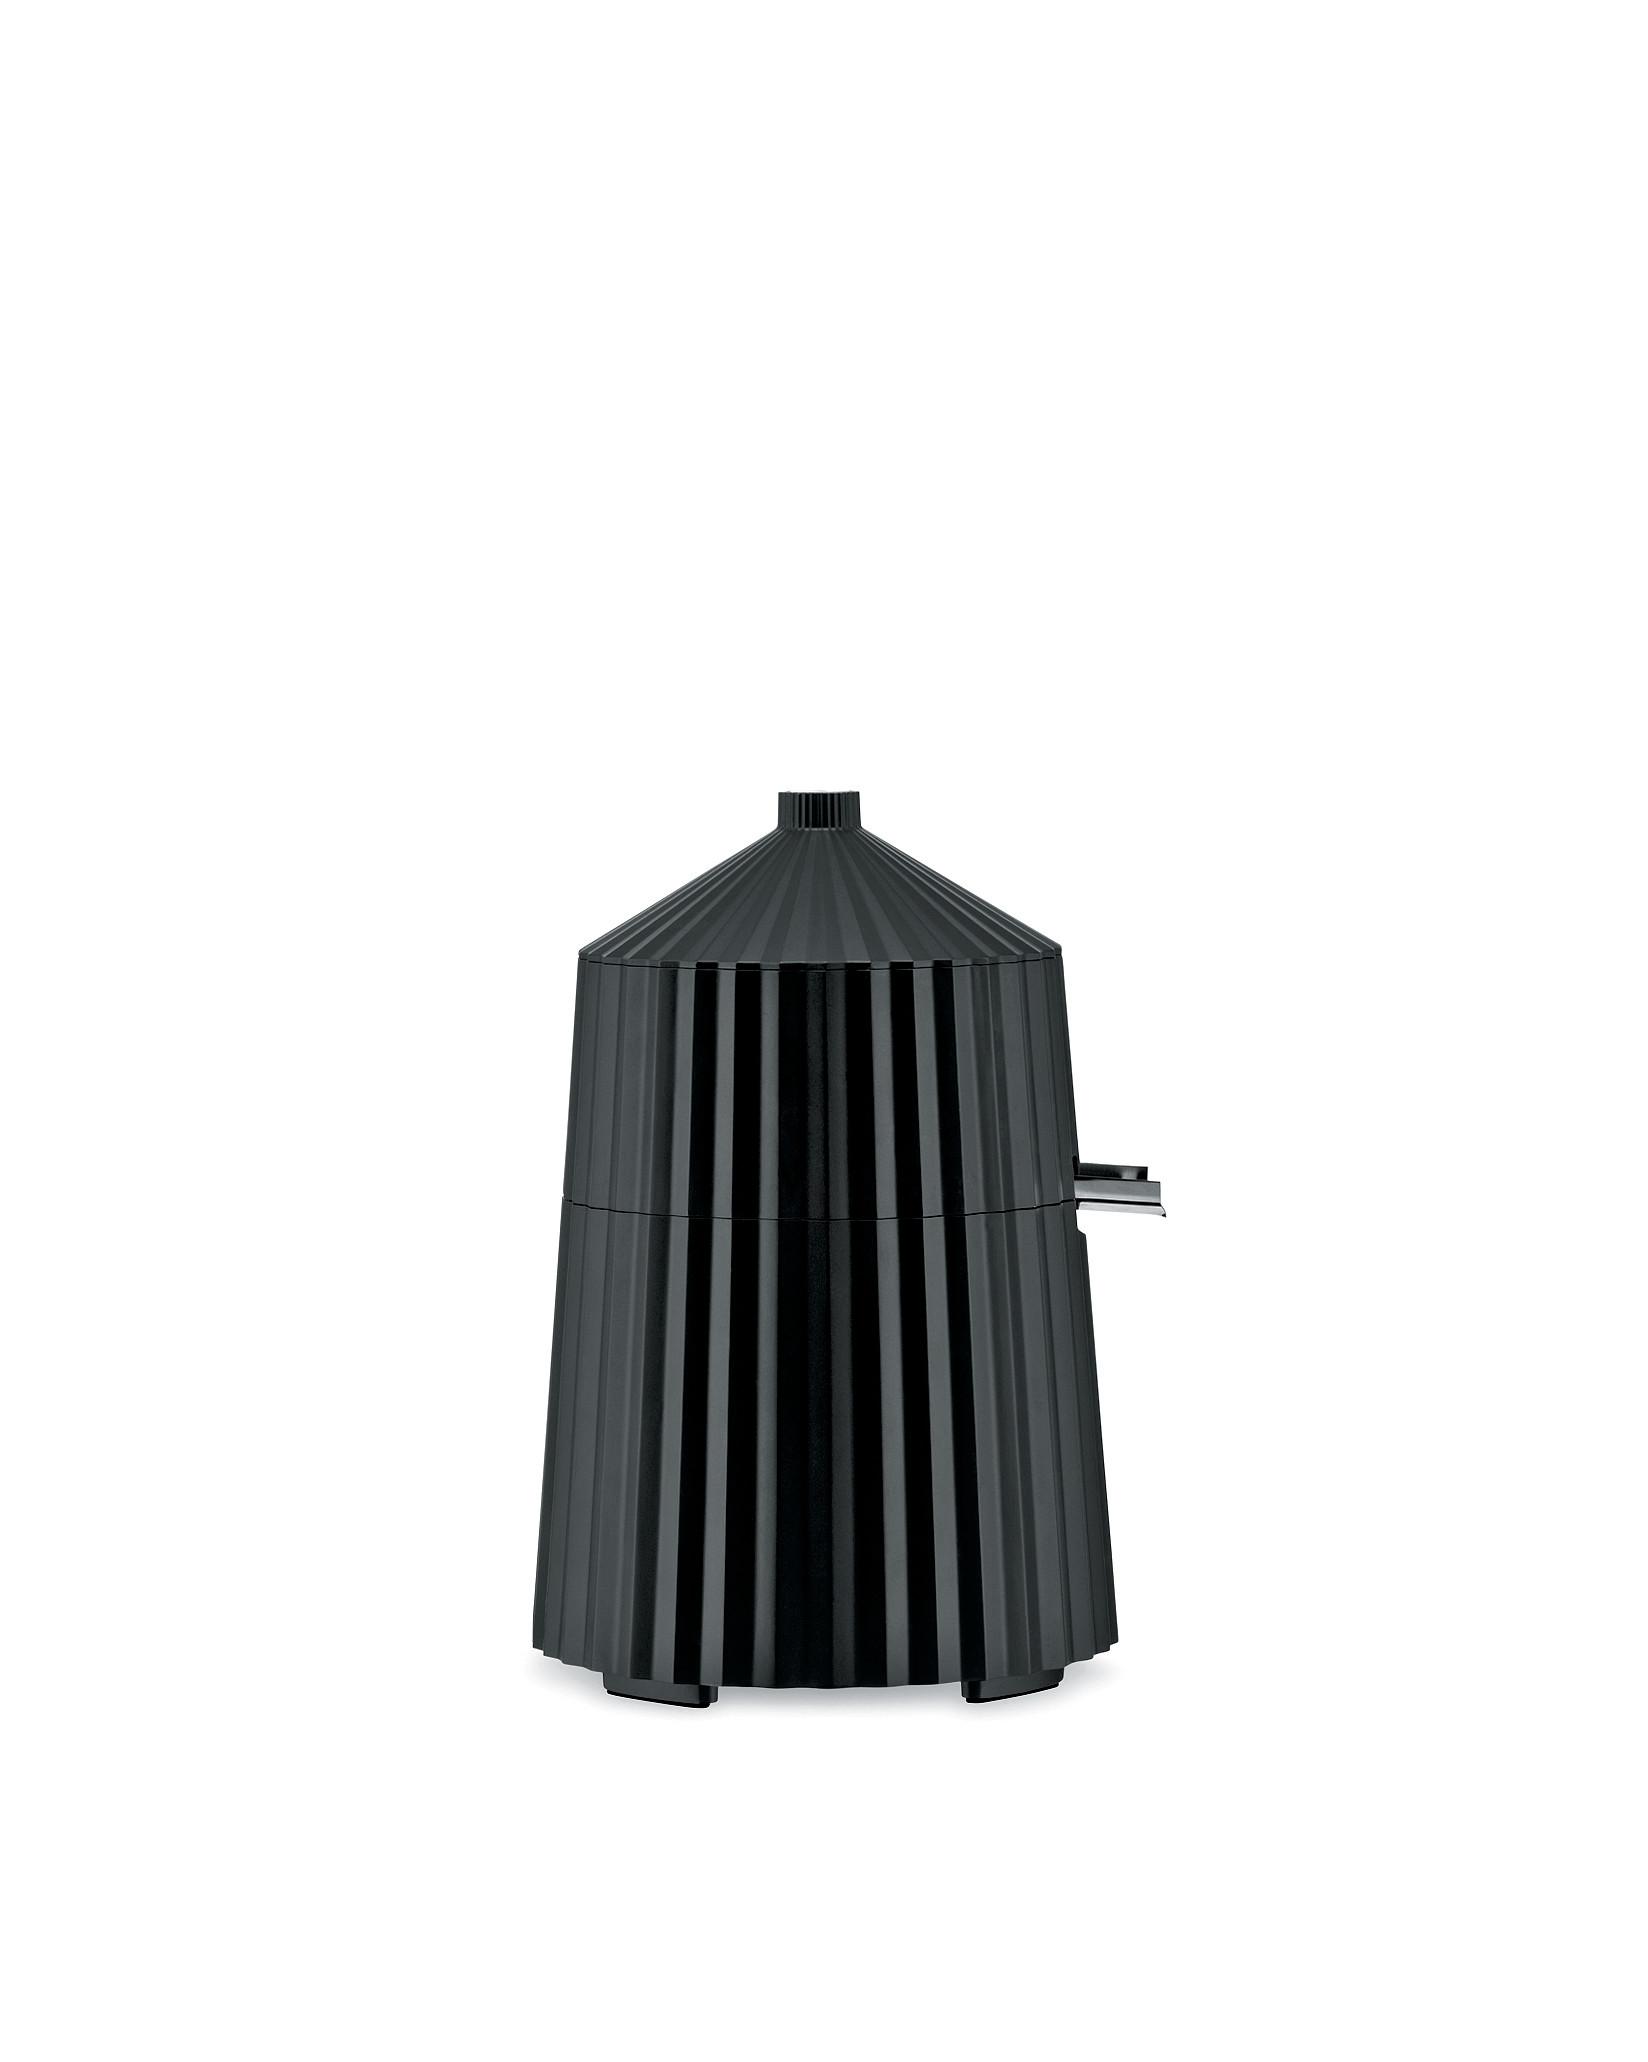 Elektrický odšťavňovač na citrusy Plisse, černý, prům. 18.5 cm - Alessi